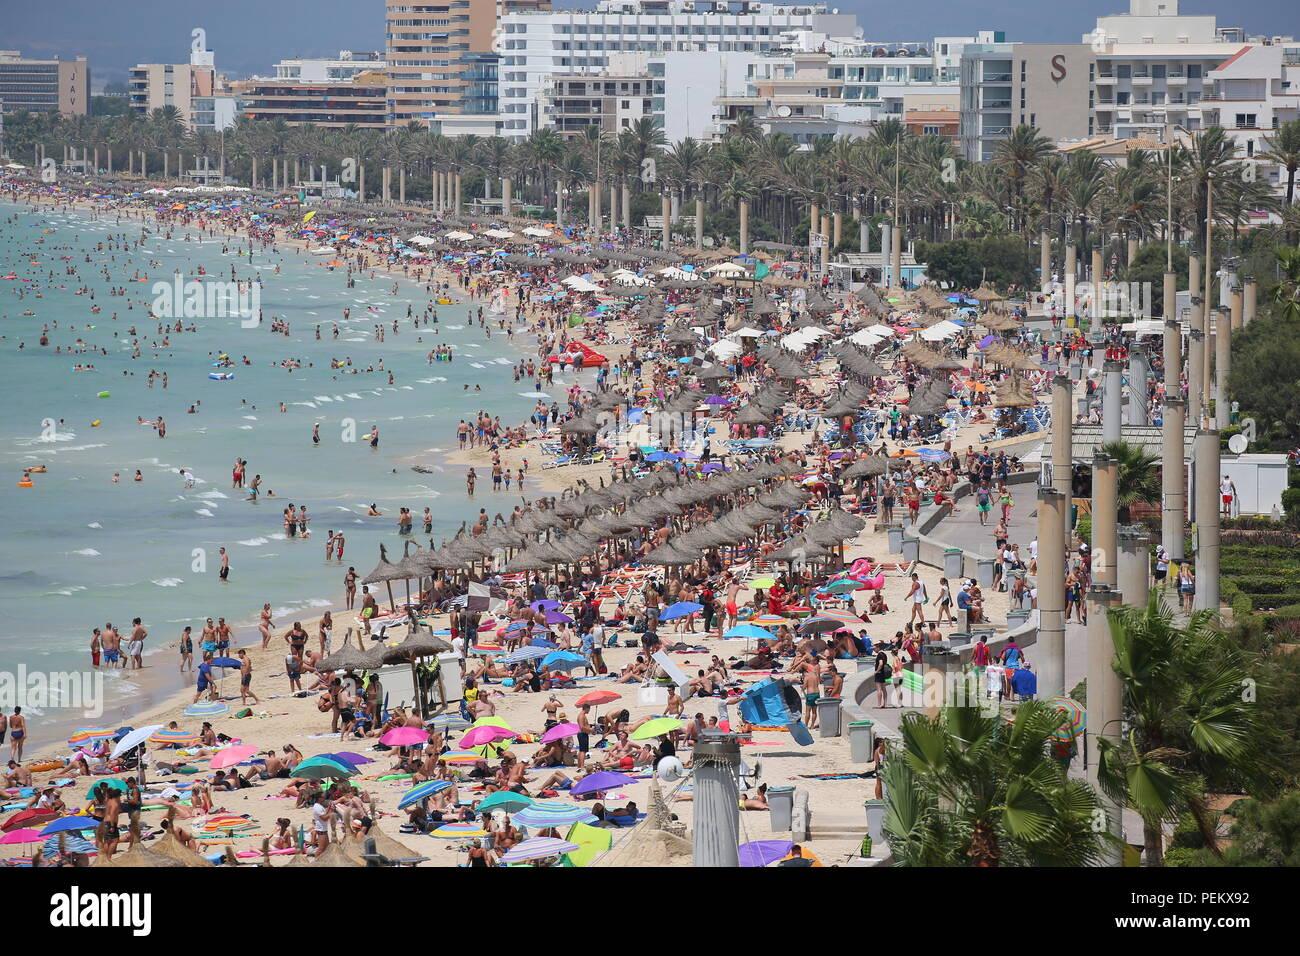 Vista general de la playa turística de El Arenal, en la isla española de Mallorca. Foto de stock